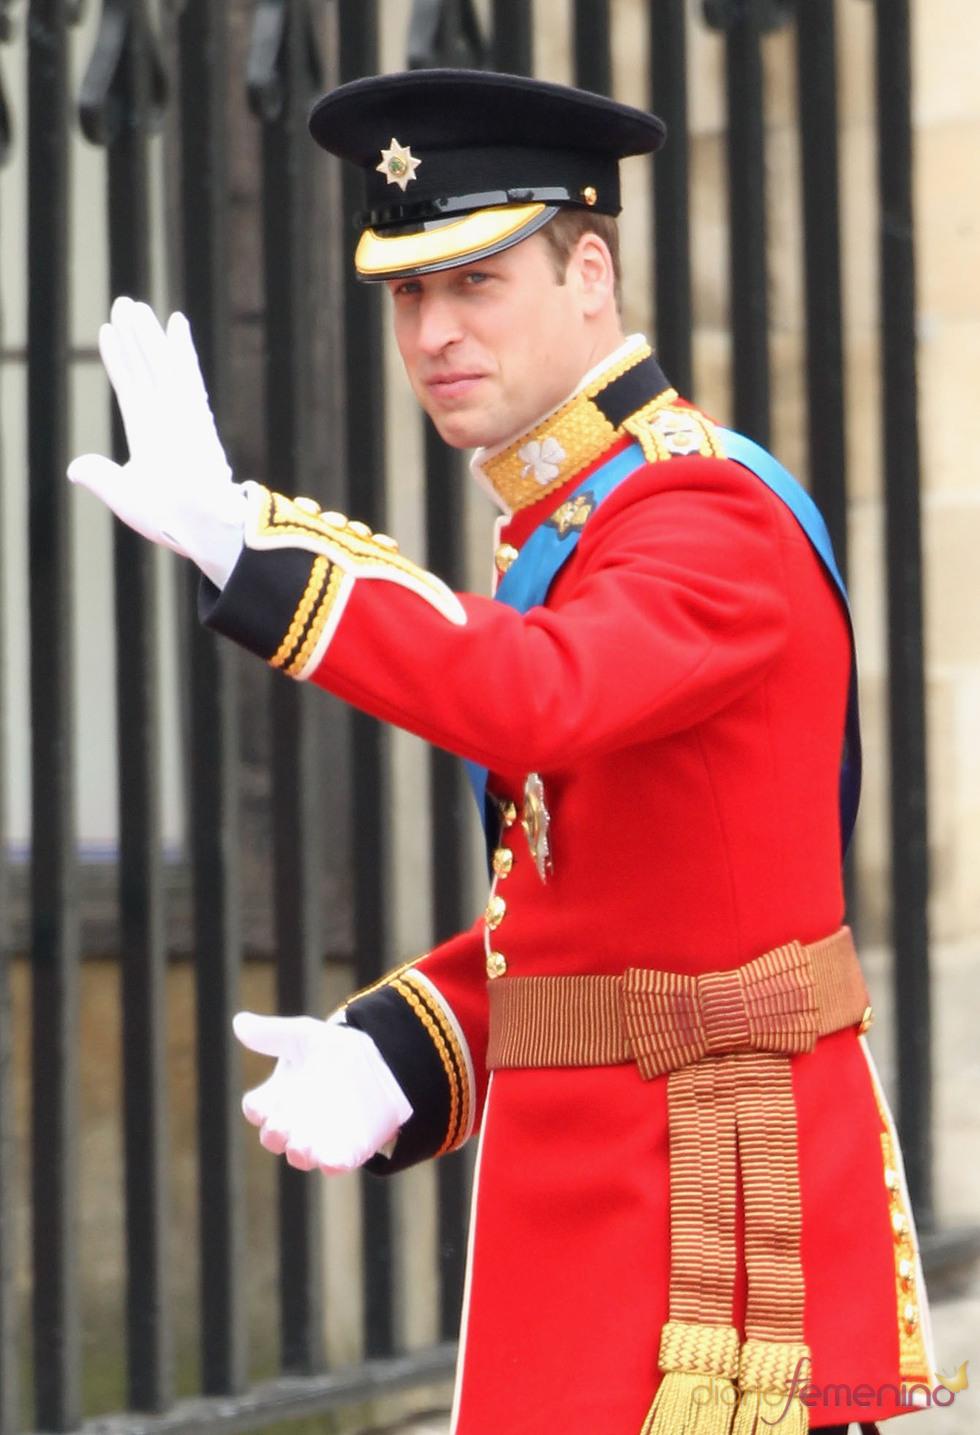 El Príncipe Guillermo de Inglaterra saluda a su llegada a la Abadía de Westminster